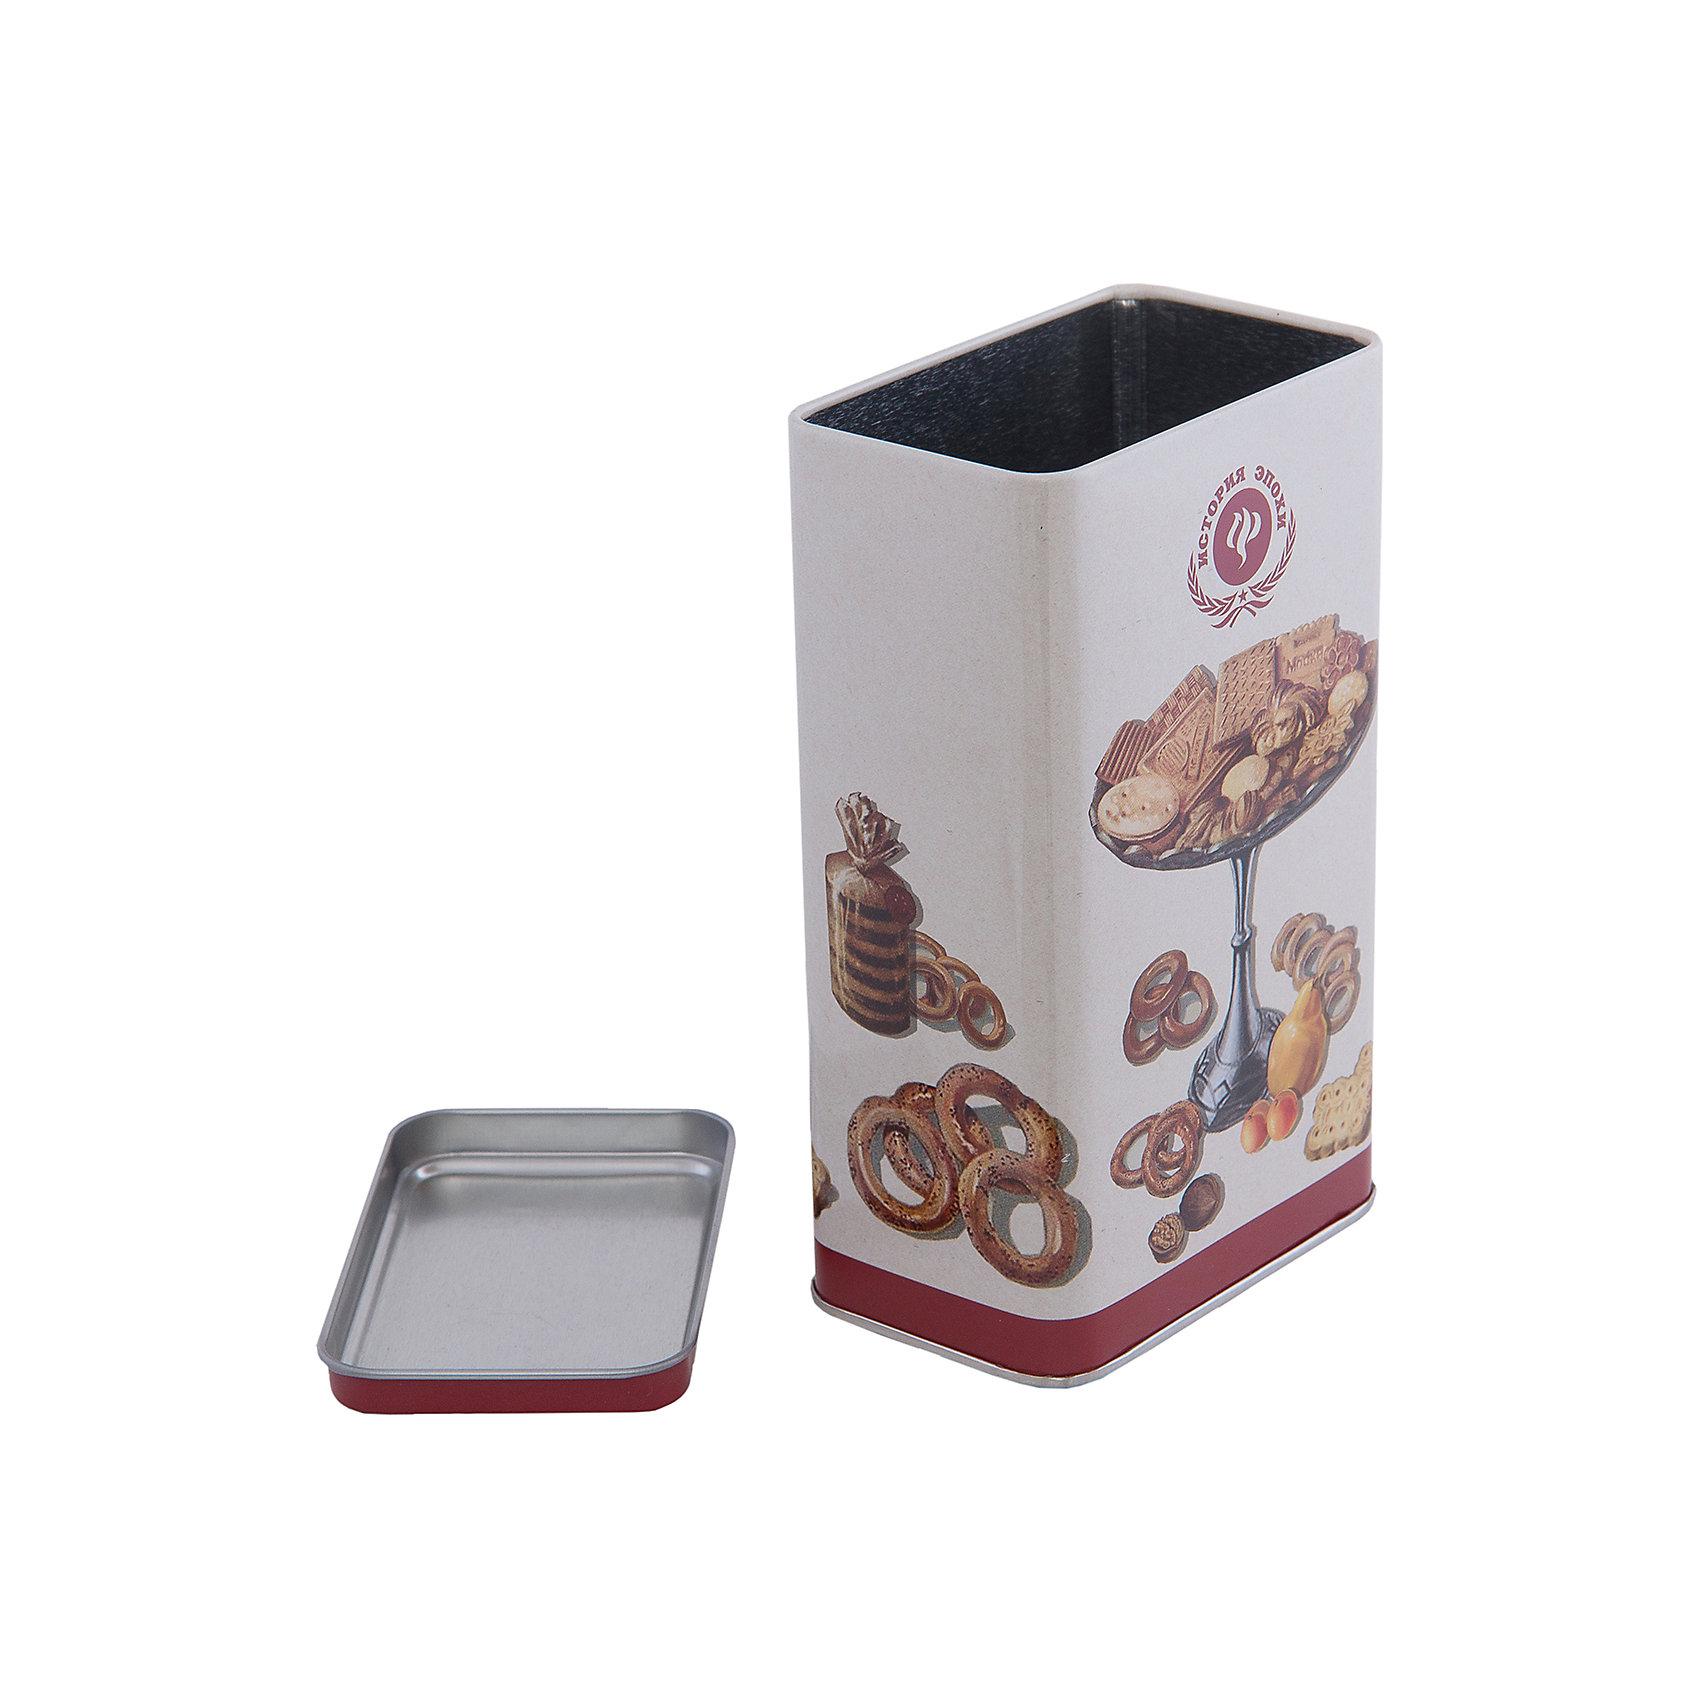 Емкость для сыпучих продуктов Печеньки 900 млПосуда<br>Емкость для сыпучих продуктов Печеньки изготовлена из металла и украшена рисунком с изображением печенья и сушек. Удобно закрывается крышкой во избежание появления неприятных запахов. В такой емкости удобно хранить чай, крупы, сахар и другие сыпучие предметы. Прекрасно впишется в интерьер кухни!<br><br>Дополнительная информация:<br>Материал: металл<br>Объем: 900 мл<br>Размер: 9,8х6х16,2 см<br>Вес: 105 грамм<br><br>Емкость для сыпучих продуктов Печеньки можно купить в нашем интернет-магазине.<br><br>Ширина мм: 510<br>Глубина мм: 320<br>Высота мм: 510<br>Вес г: 111<br>Возраст от месяцев: 84<br>Возраст до месяцев: 216<br>Пол: Унисекс<br>Возраст: Детский<br>SKU: 4957993